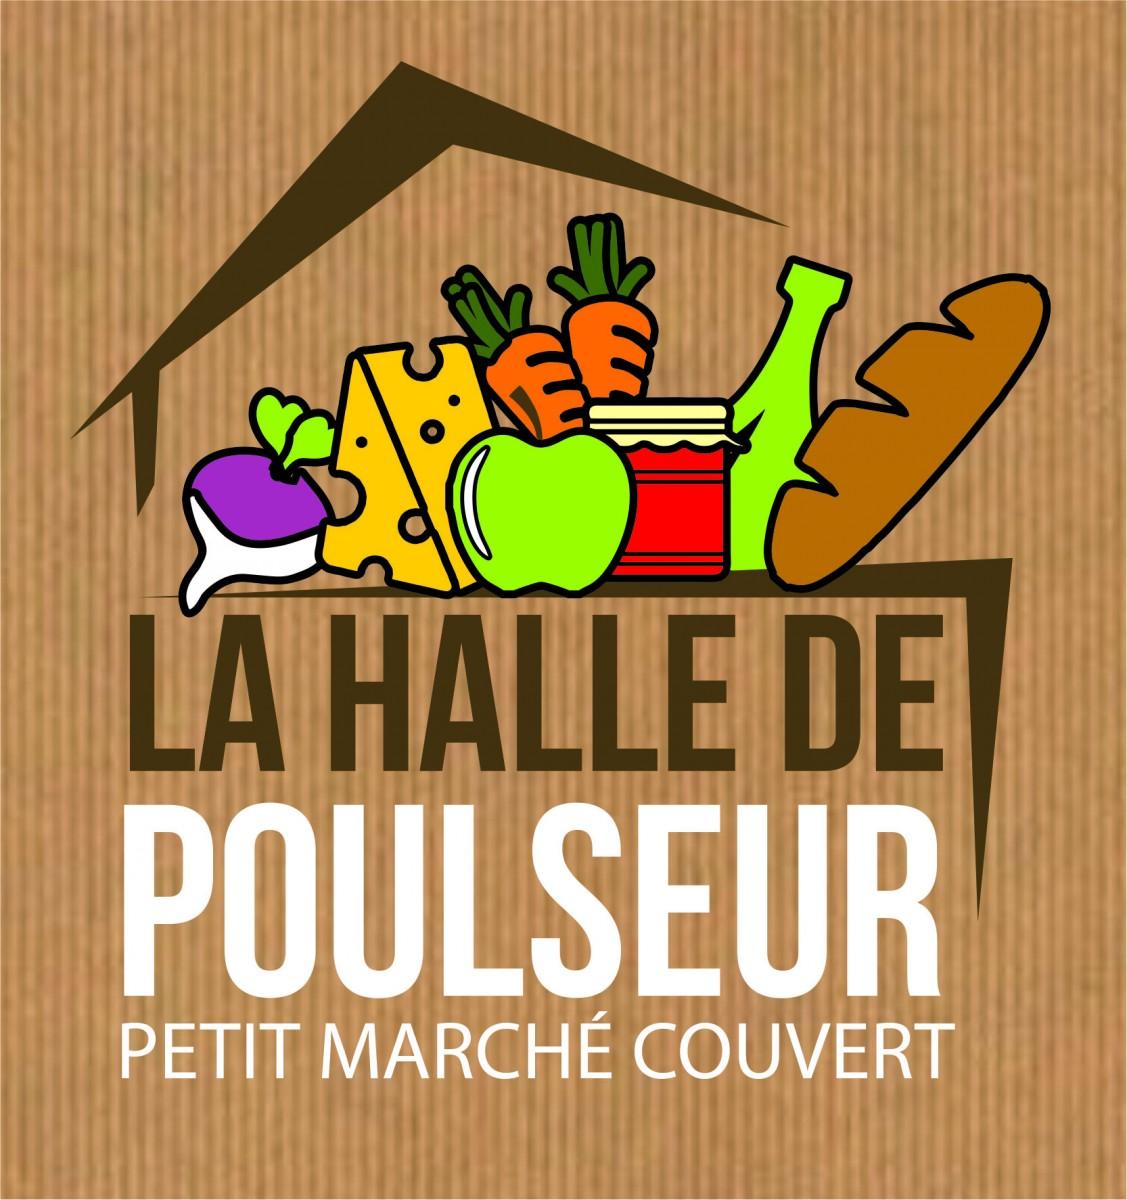 La Halle de Poulseur